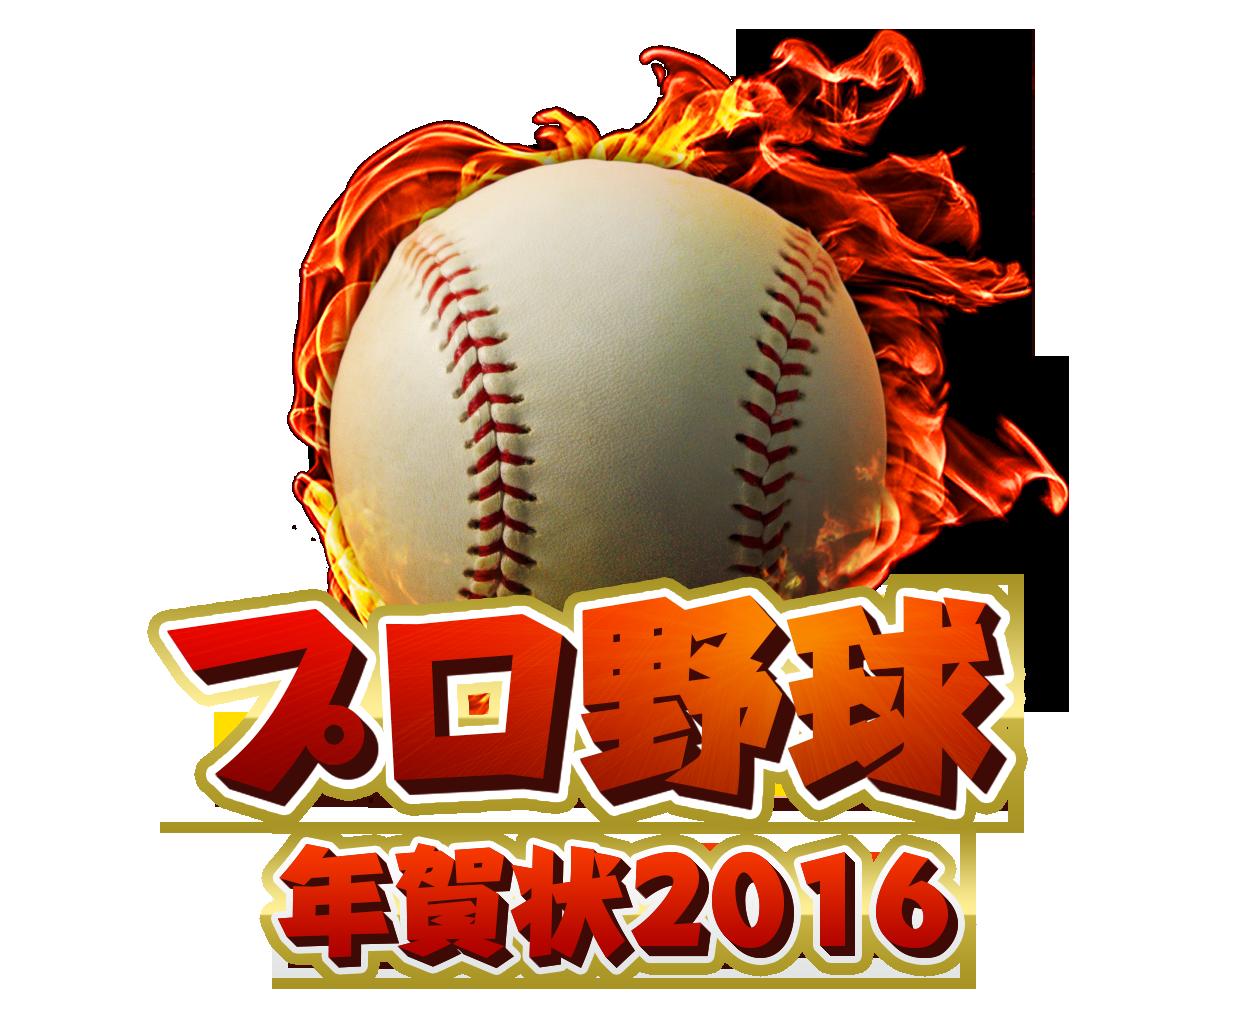 「プロ野球年賀状2016-スマホで写真年賀状-」の販売を11月下旬より開始